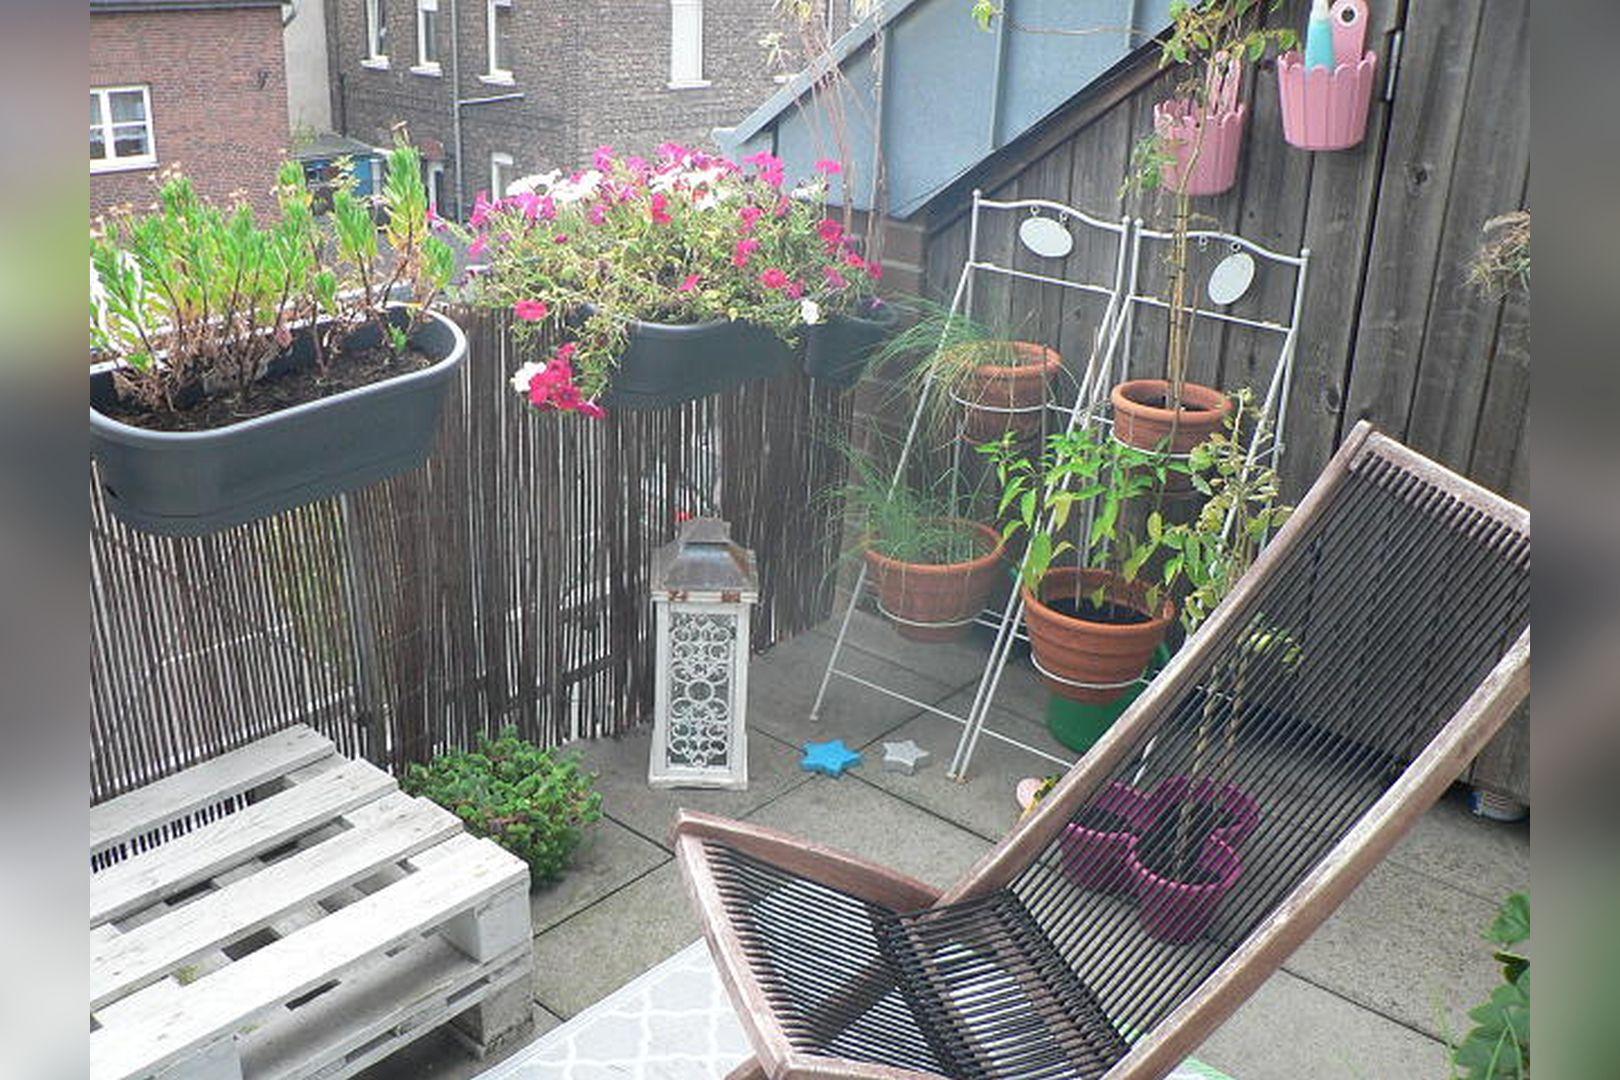 Immobilie Nr.0299 - 3-Zimmer-Wohnung über 2 Ebenen mit Balkon - Bild 5.jpg